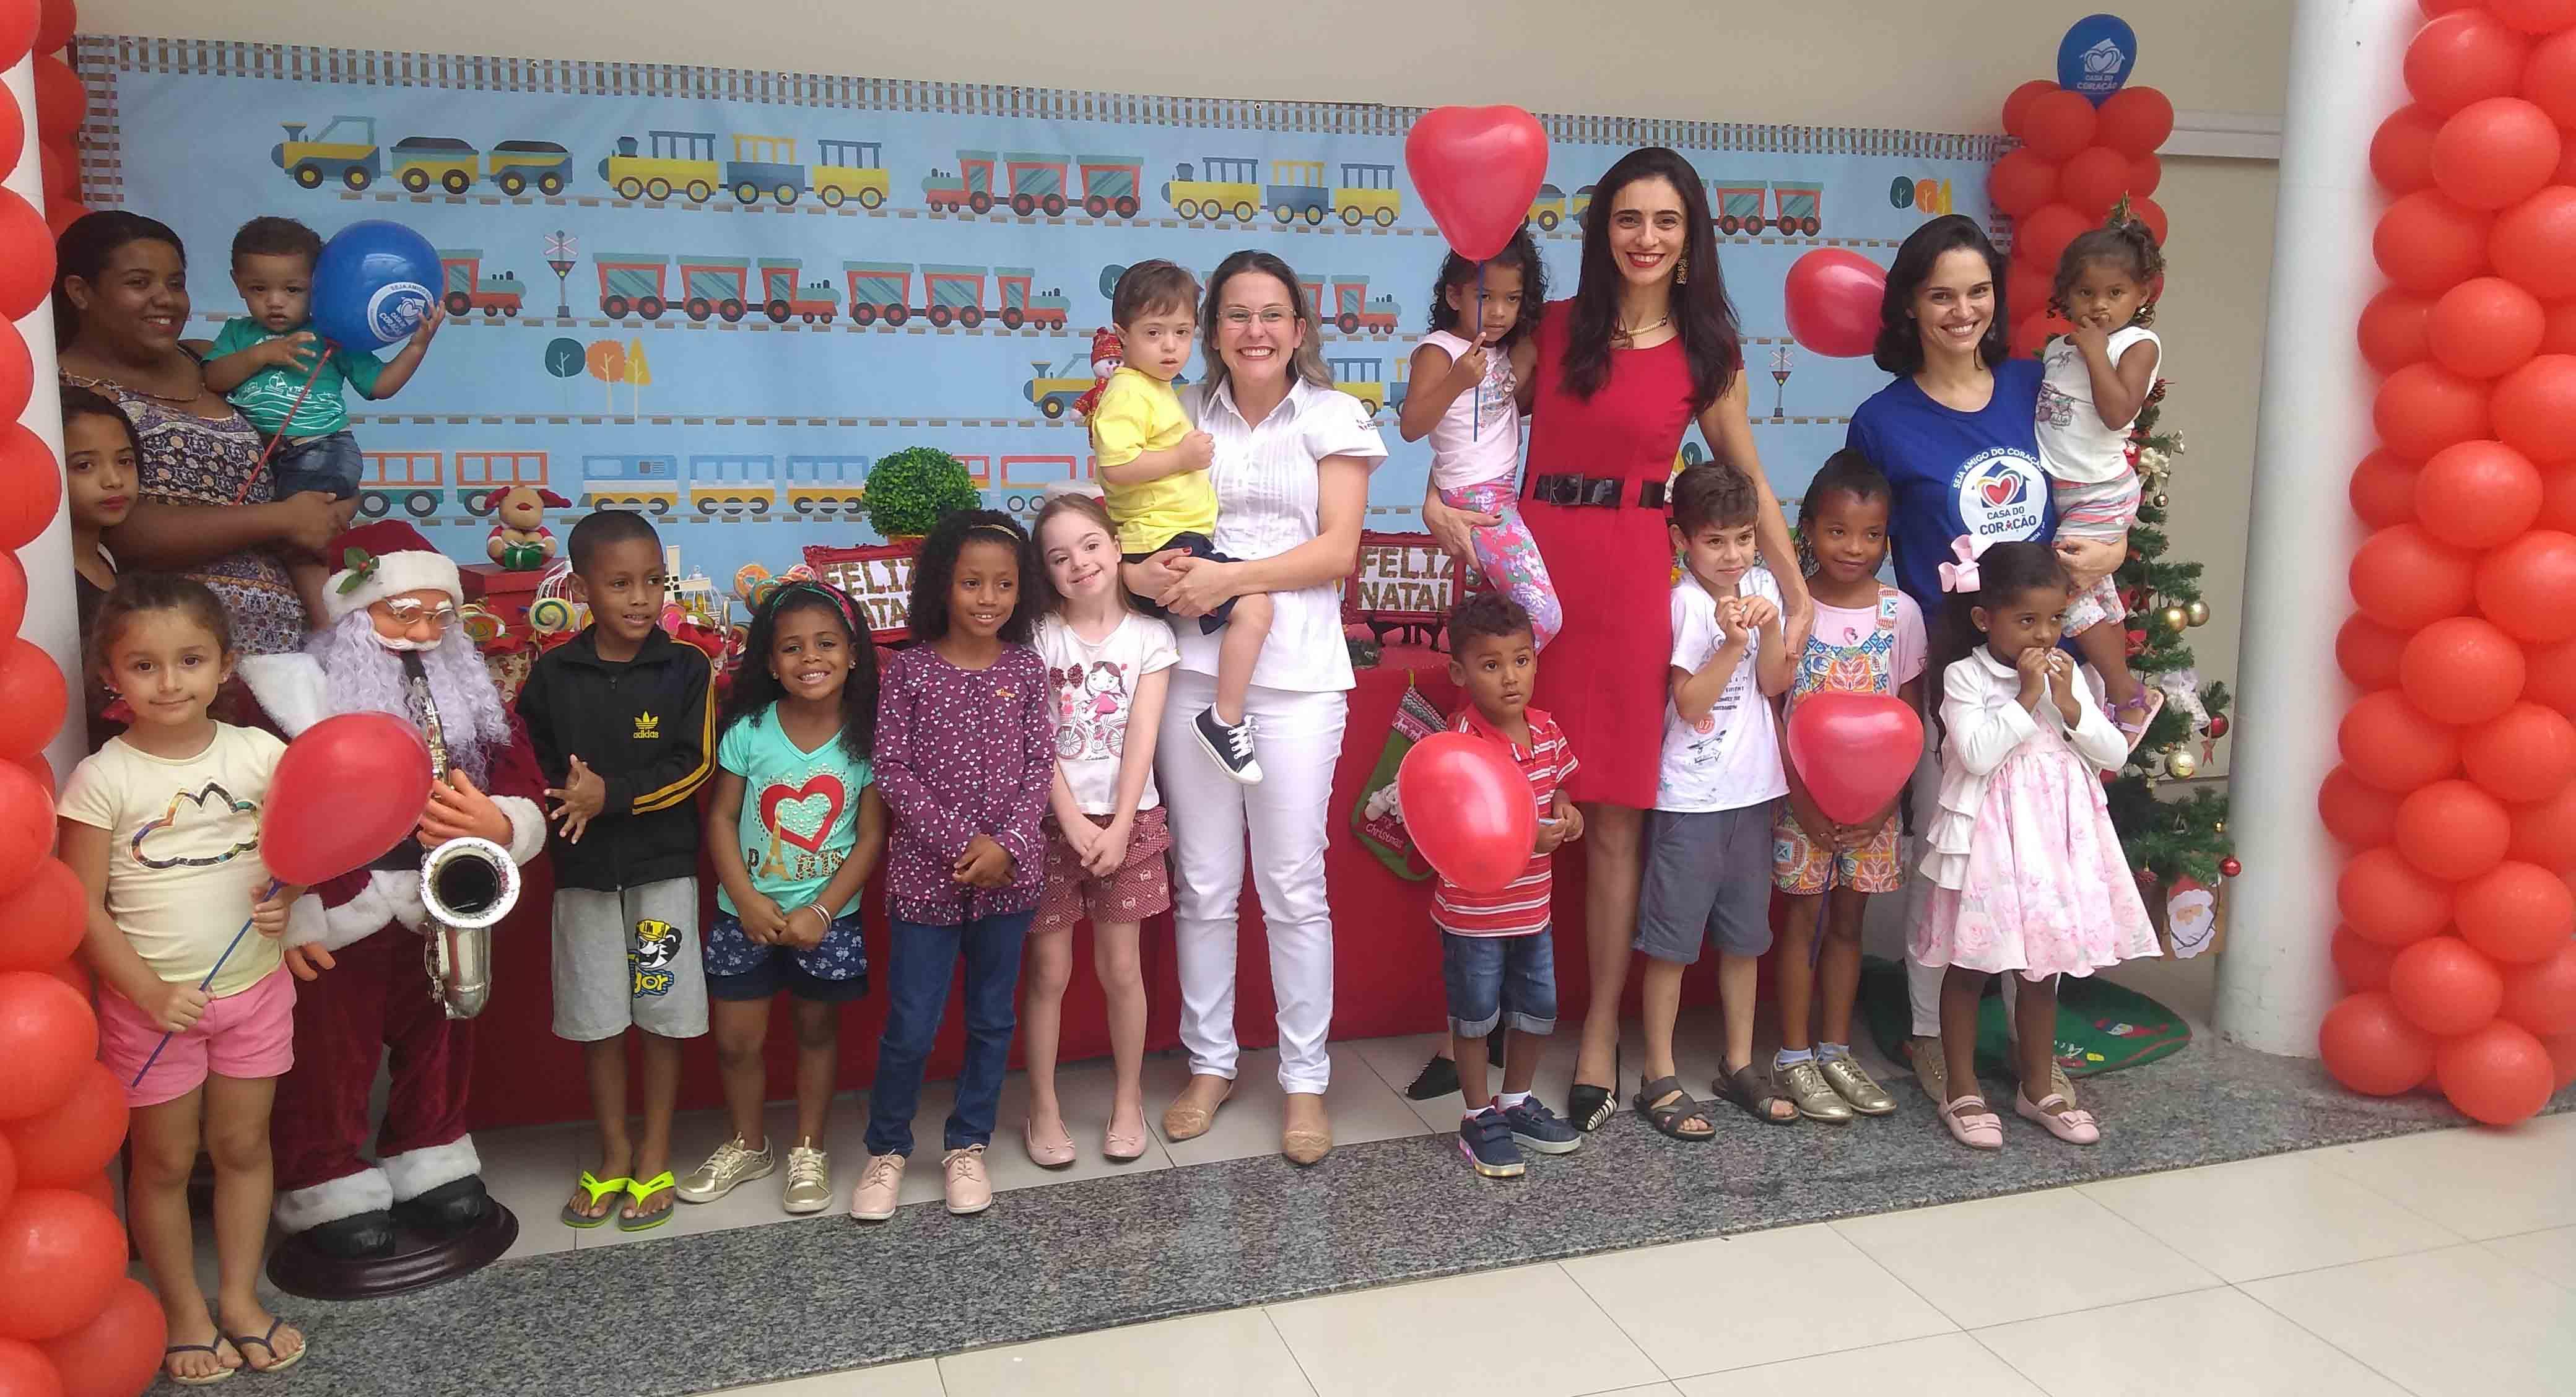 Crianças cardíacas ganham festa de natal no Hospital Evangélico